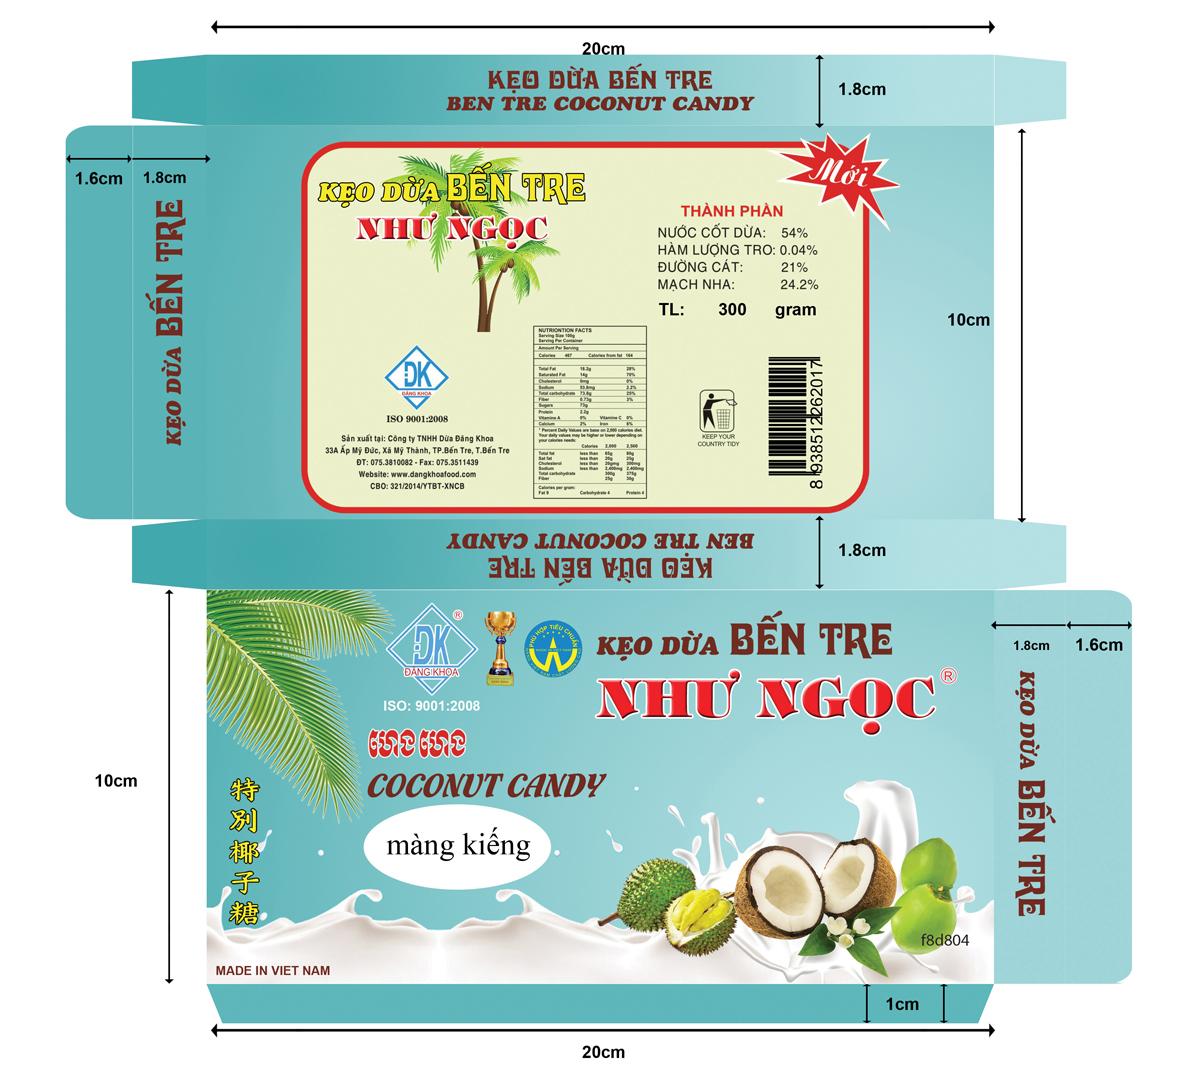 Thiết Kế Bao Bì Kẹo Dừa